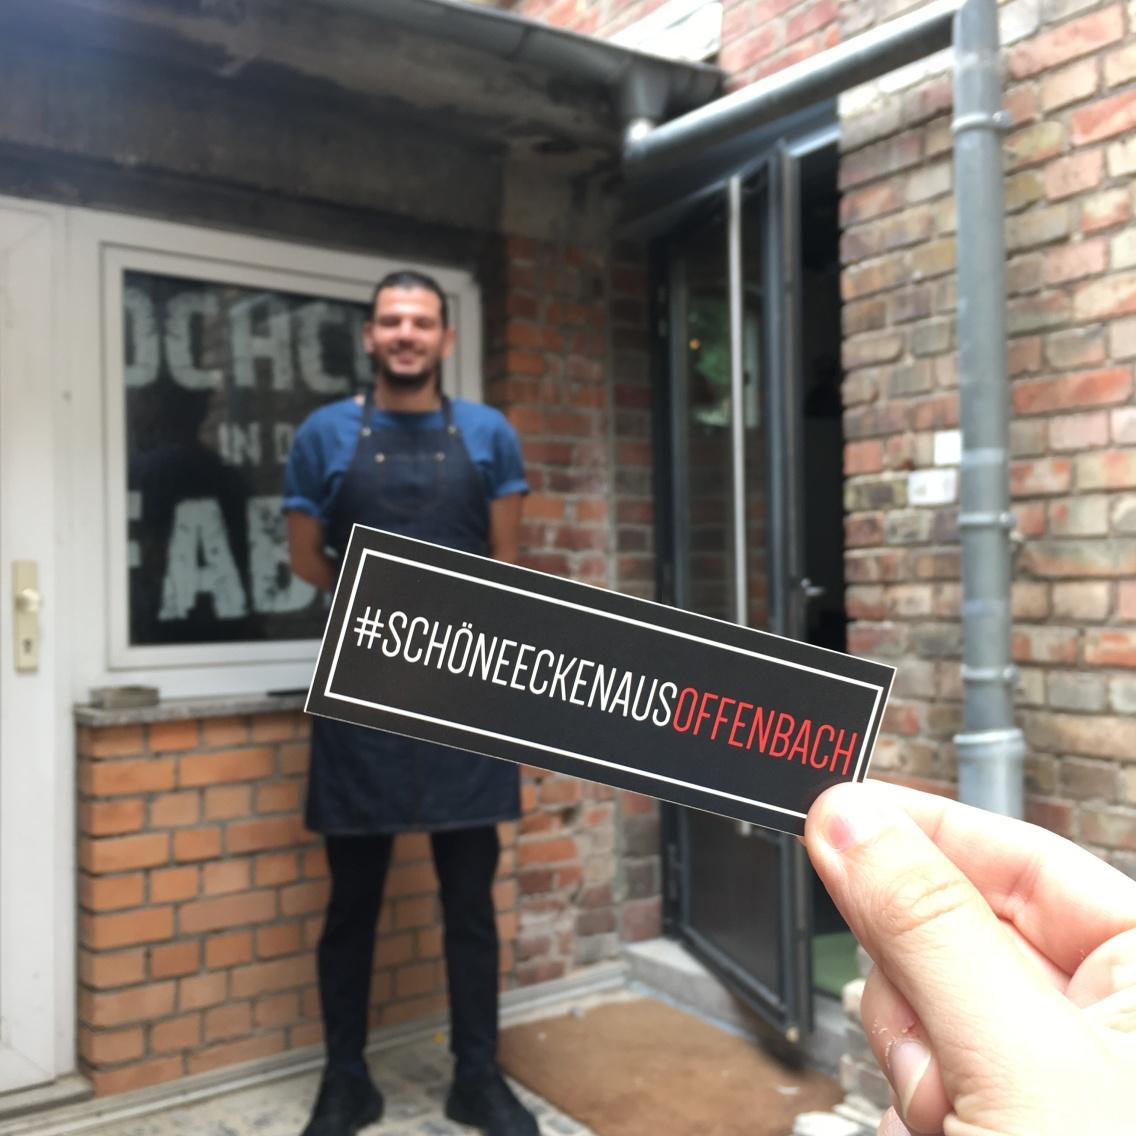 Birtan hat sich seinen #schöneeckenausOffenbach Aufkleber mit seinem Kochclub in der Fabrik mehr als verdient!